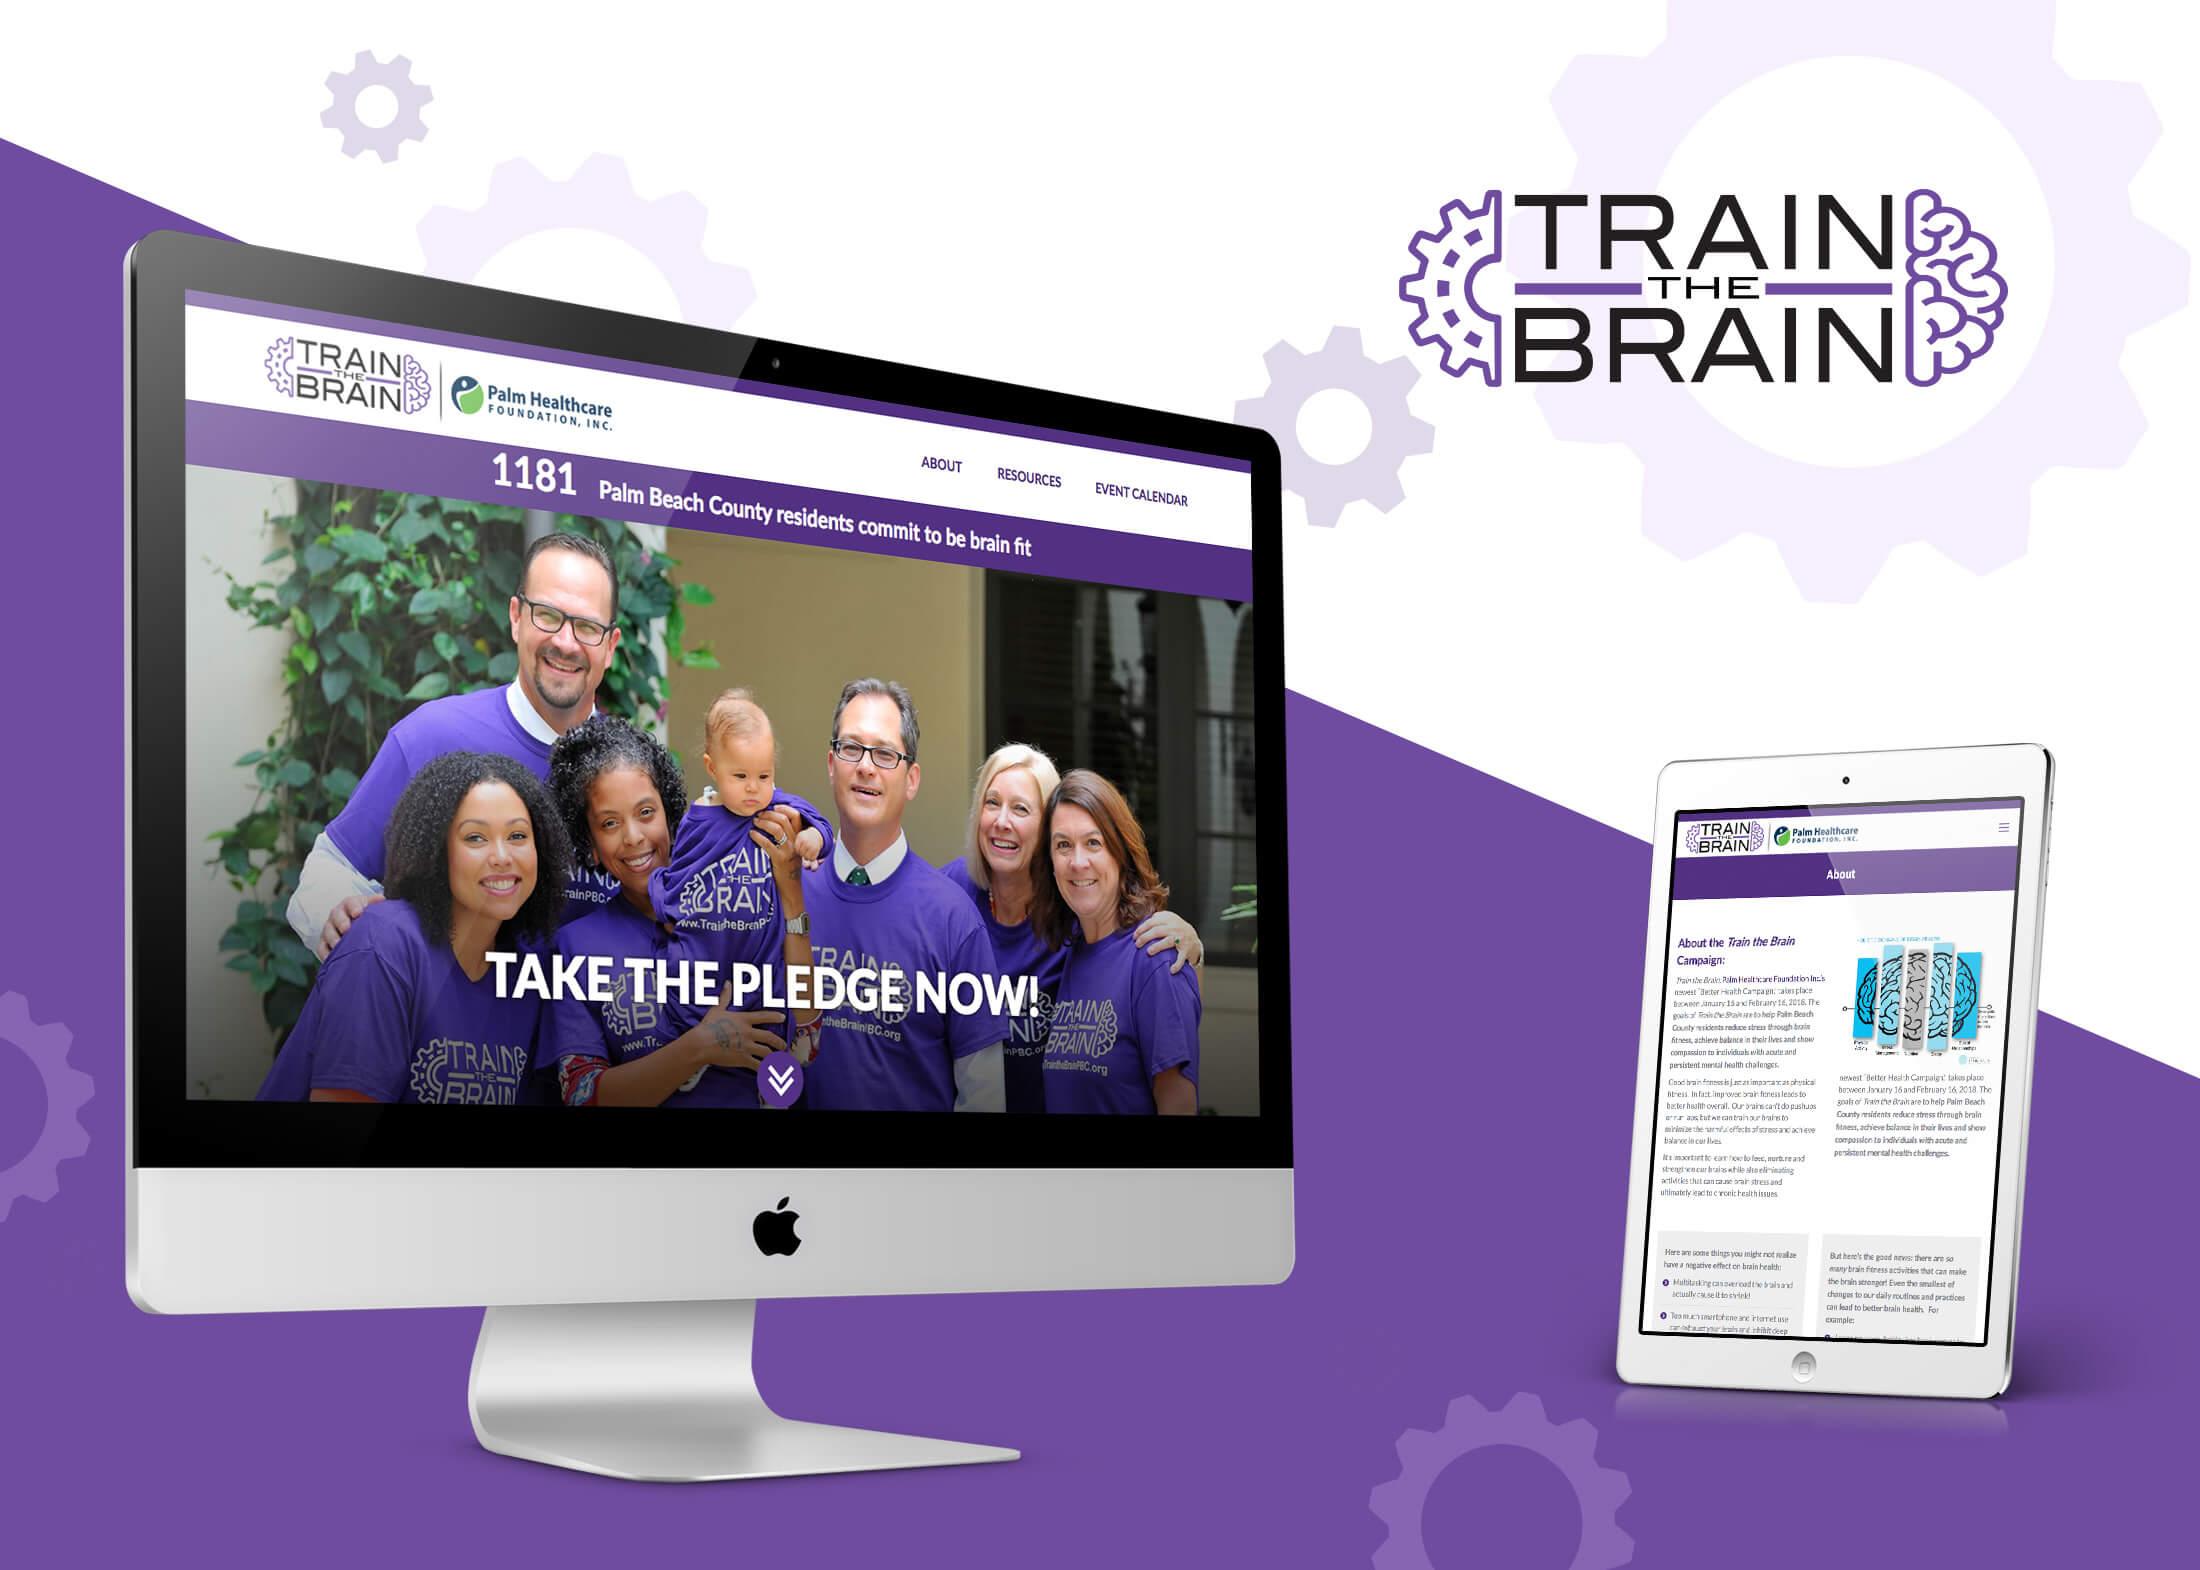 Train-The-Brain-Portfolio-Desktop-Tablet-2200×1570